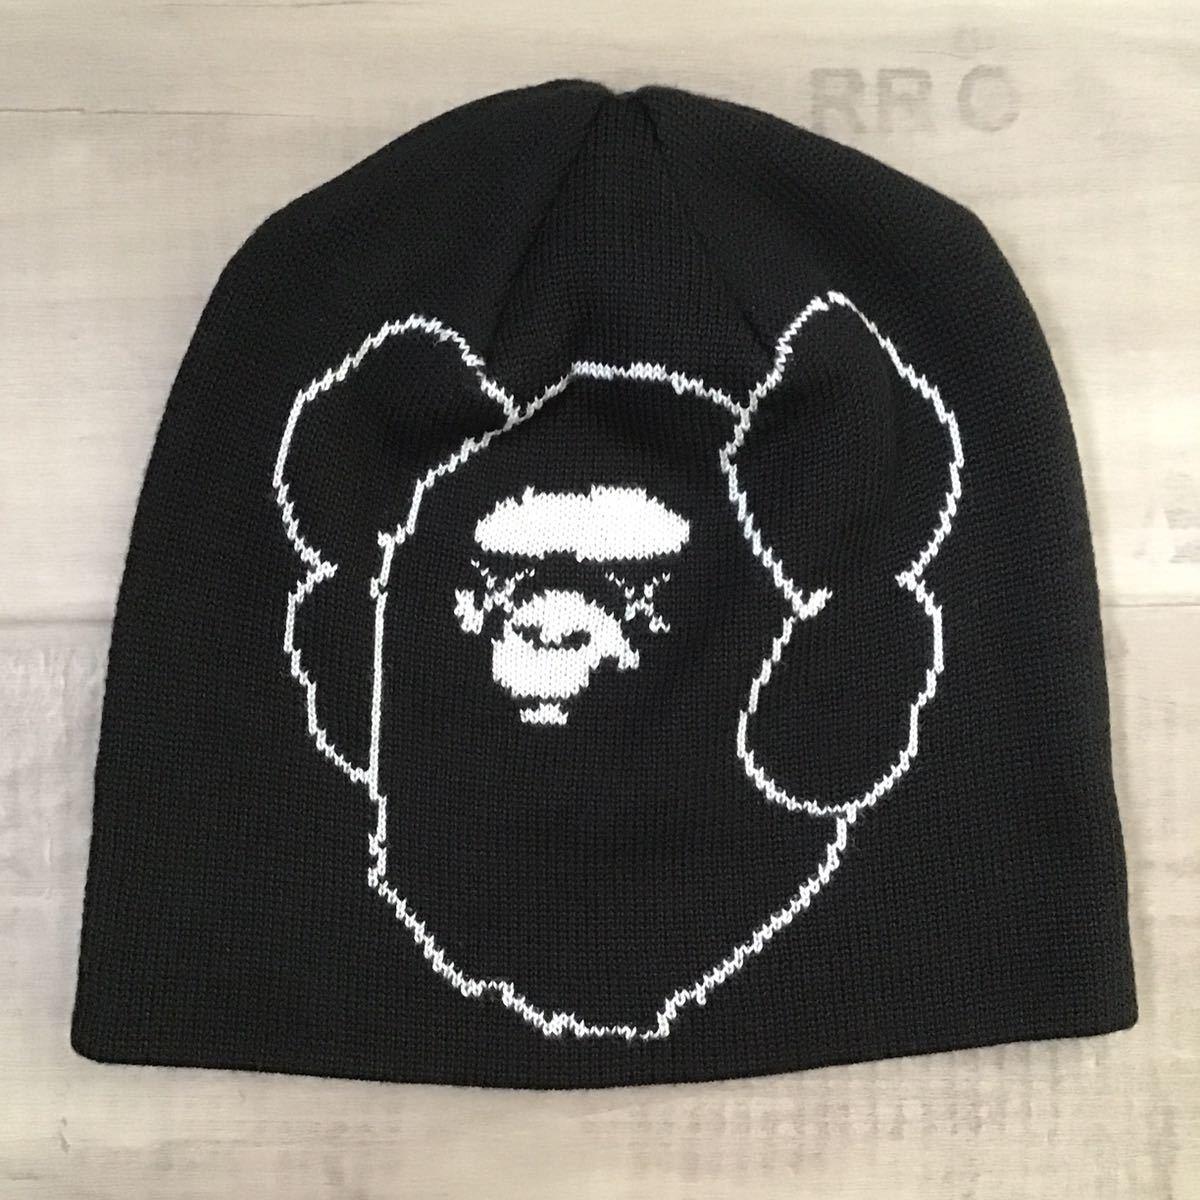 ★激レア★ KAWS × BAPE ニット帽 ビーニー a bathing ape Beanie カウズ エイプ ベイプ アベイシングエイプ black nigo 帽子 2285